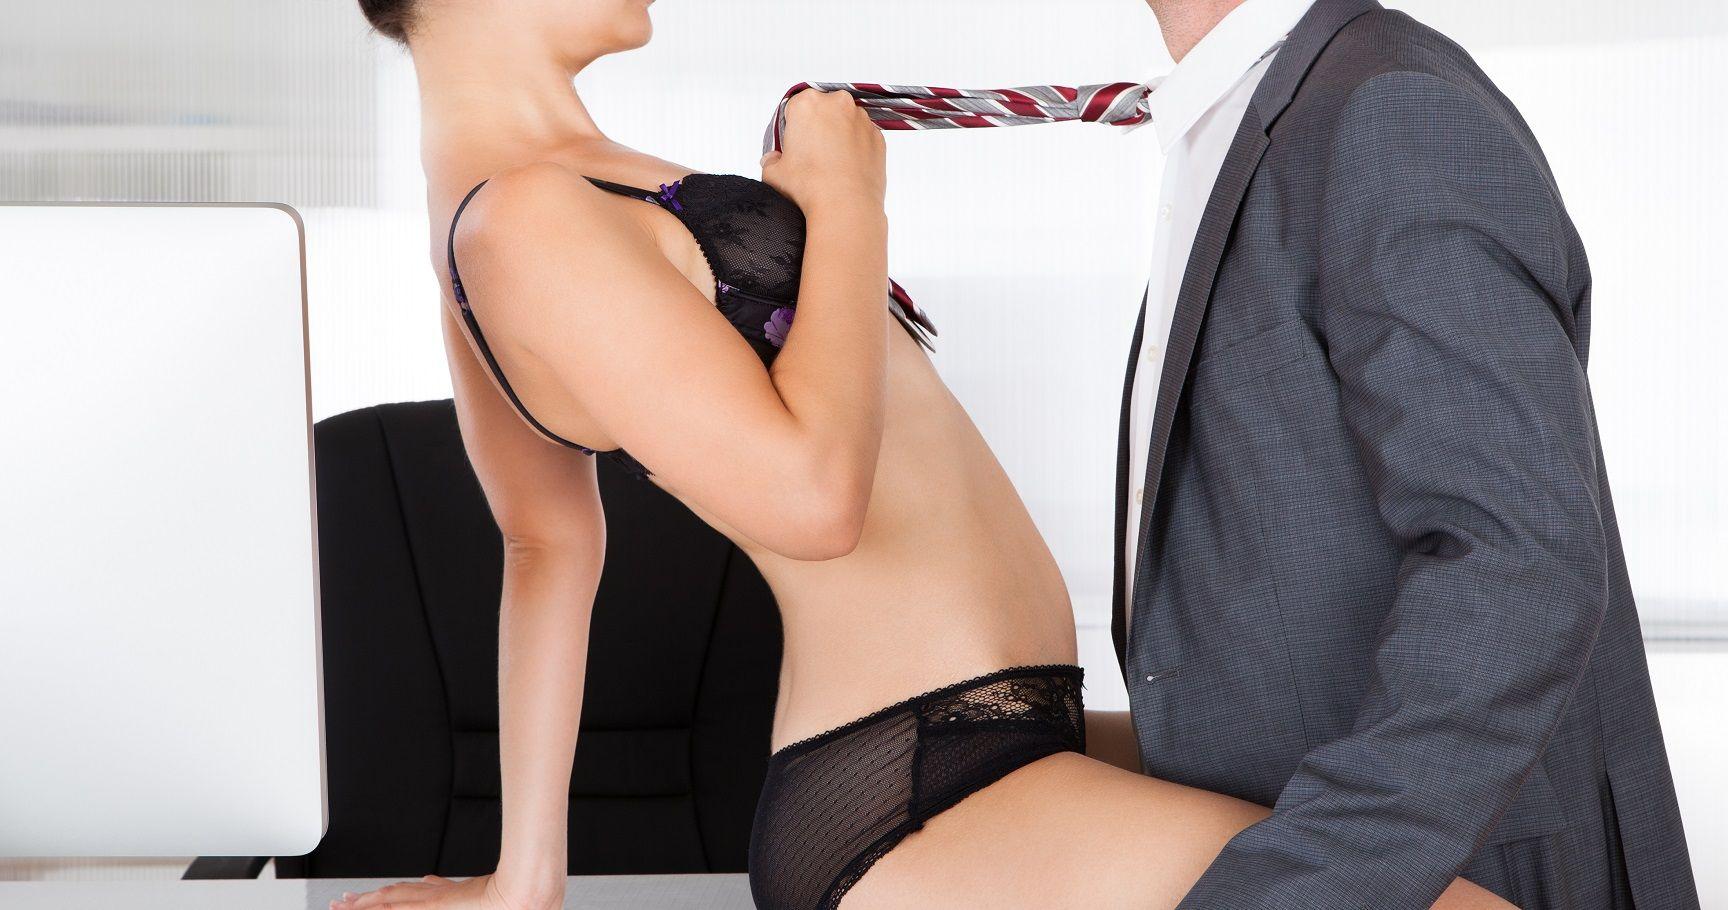 Секс с тором 5 фотография